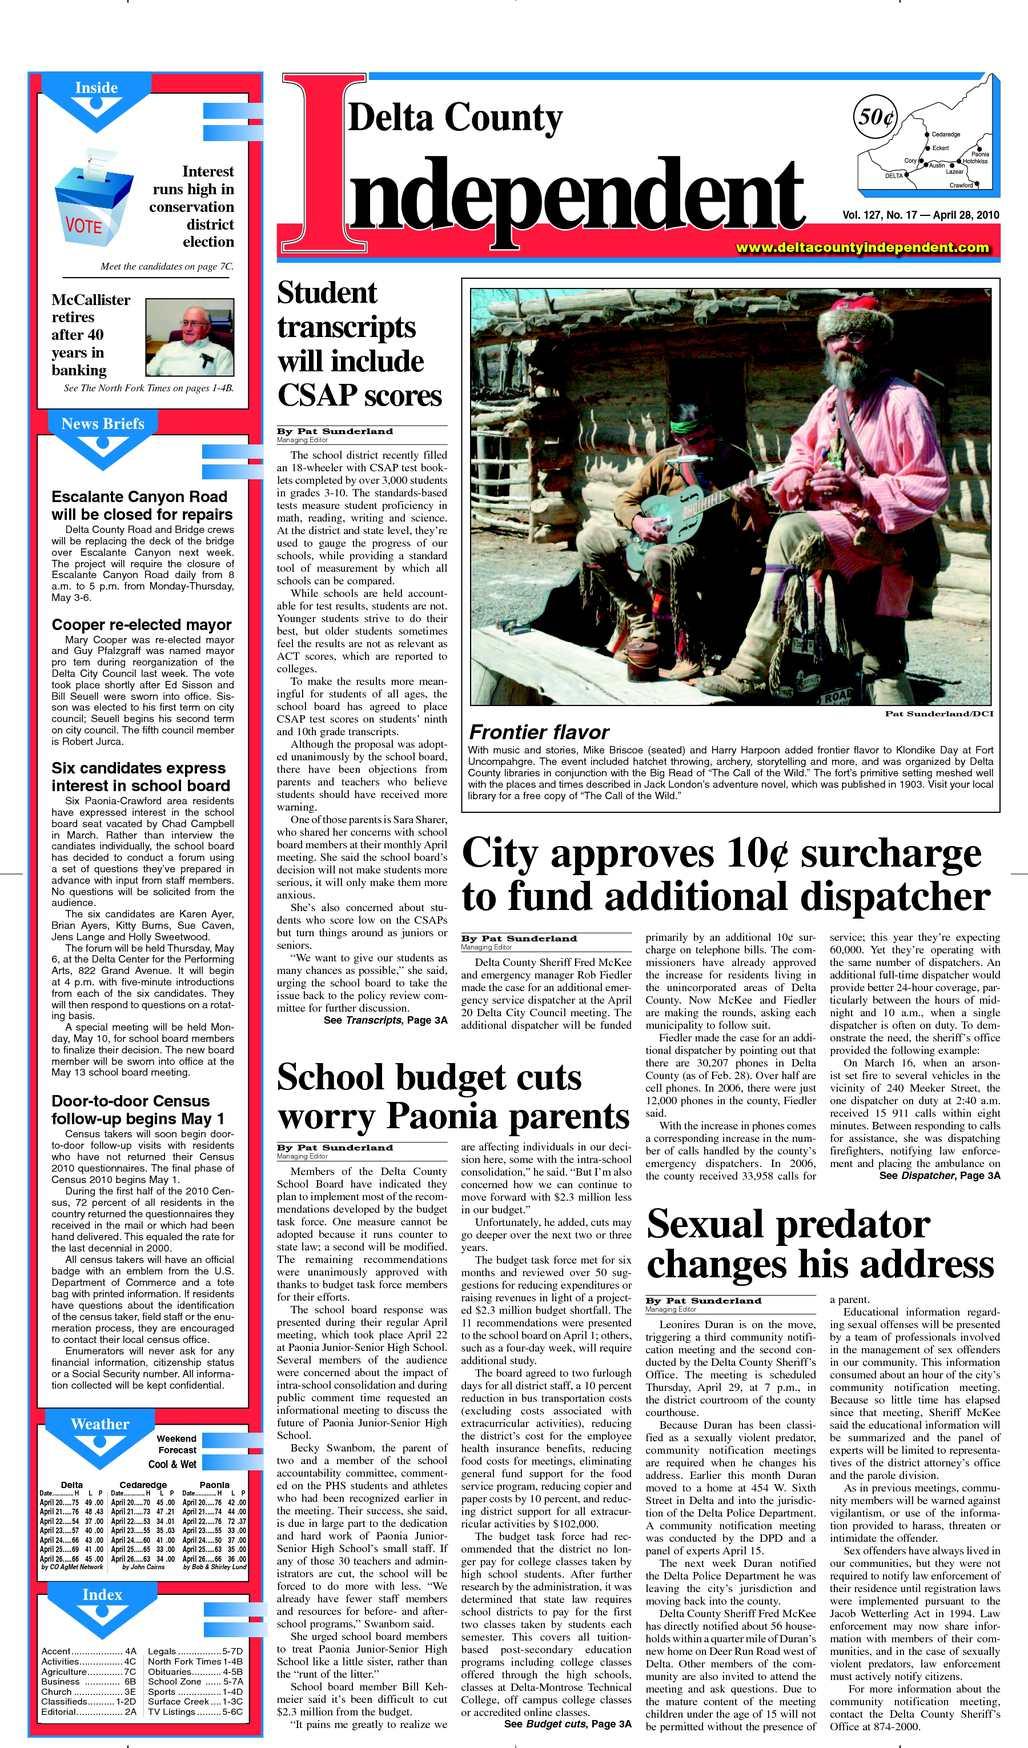 5adf9df6f554d8 Calaméo - Delta County Independent - April 28, 2010